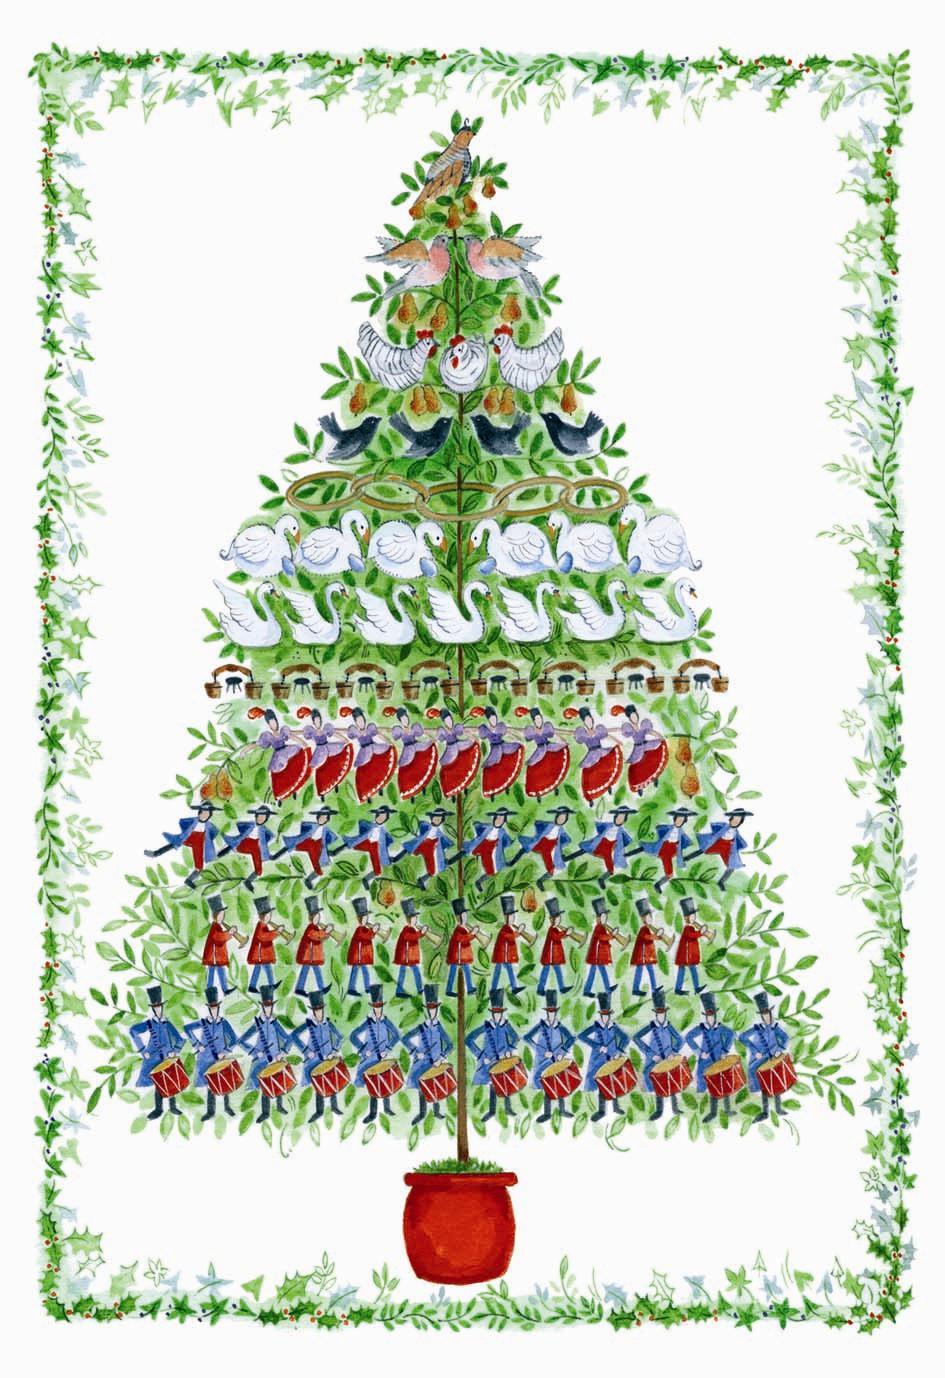 The Catholic Toolbox: FREE 12 Days of Christmas Lapbook